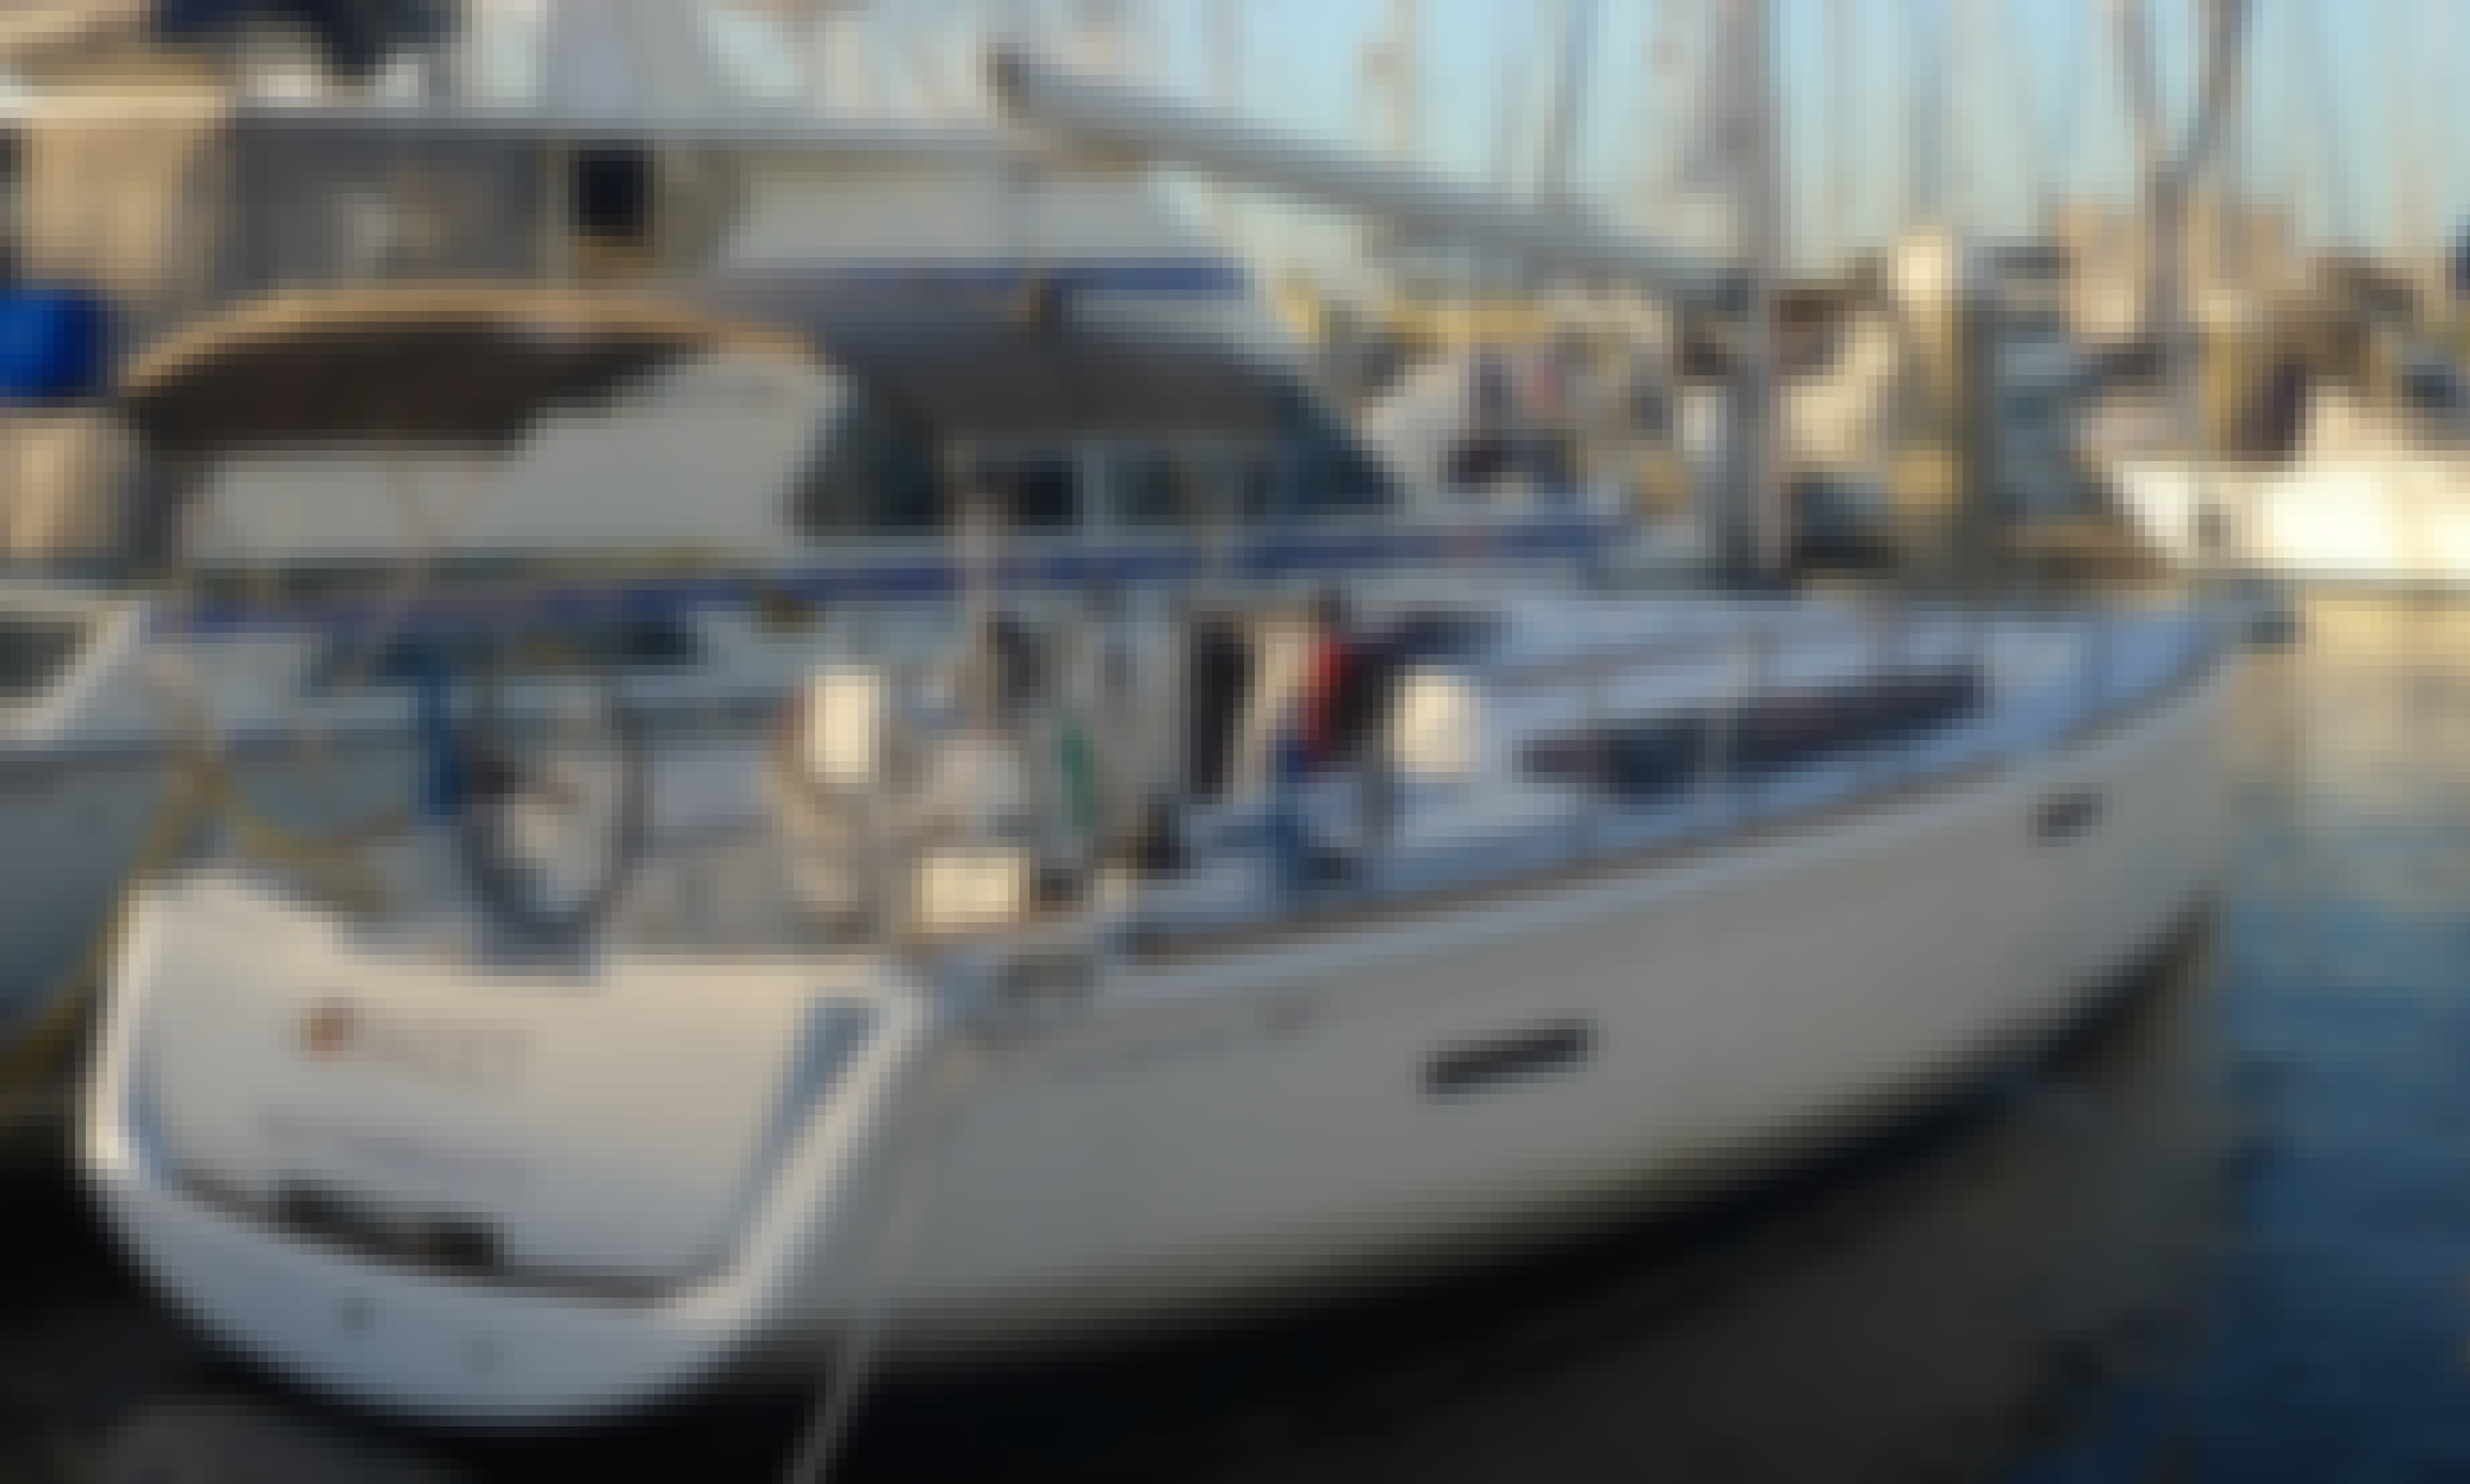 Got ASA Certification? Book the Jeanneau 389 Sailing Yacht